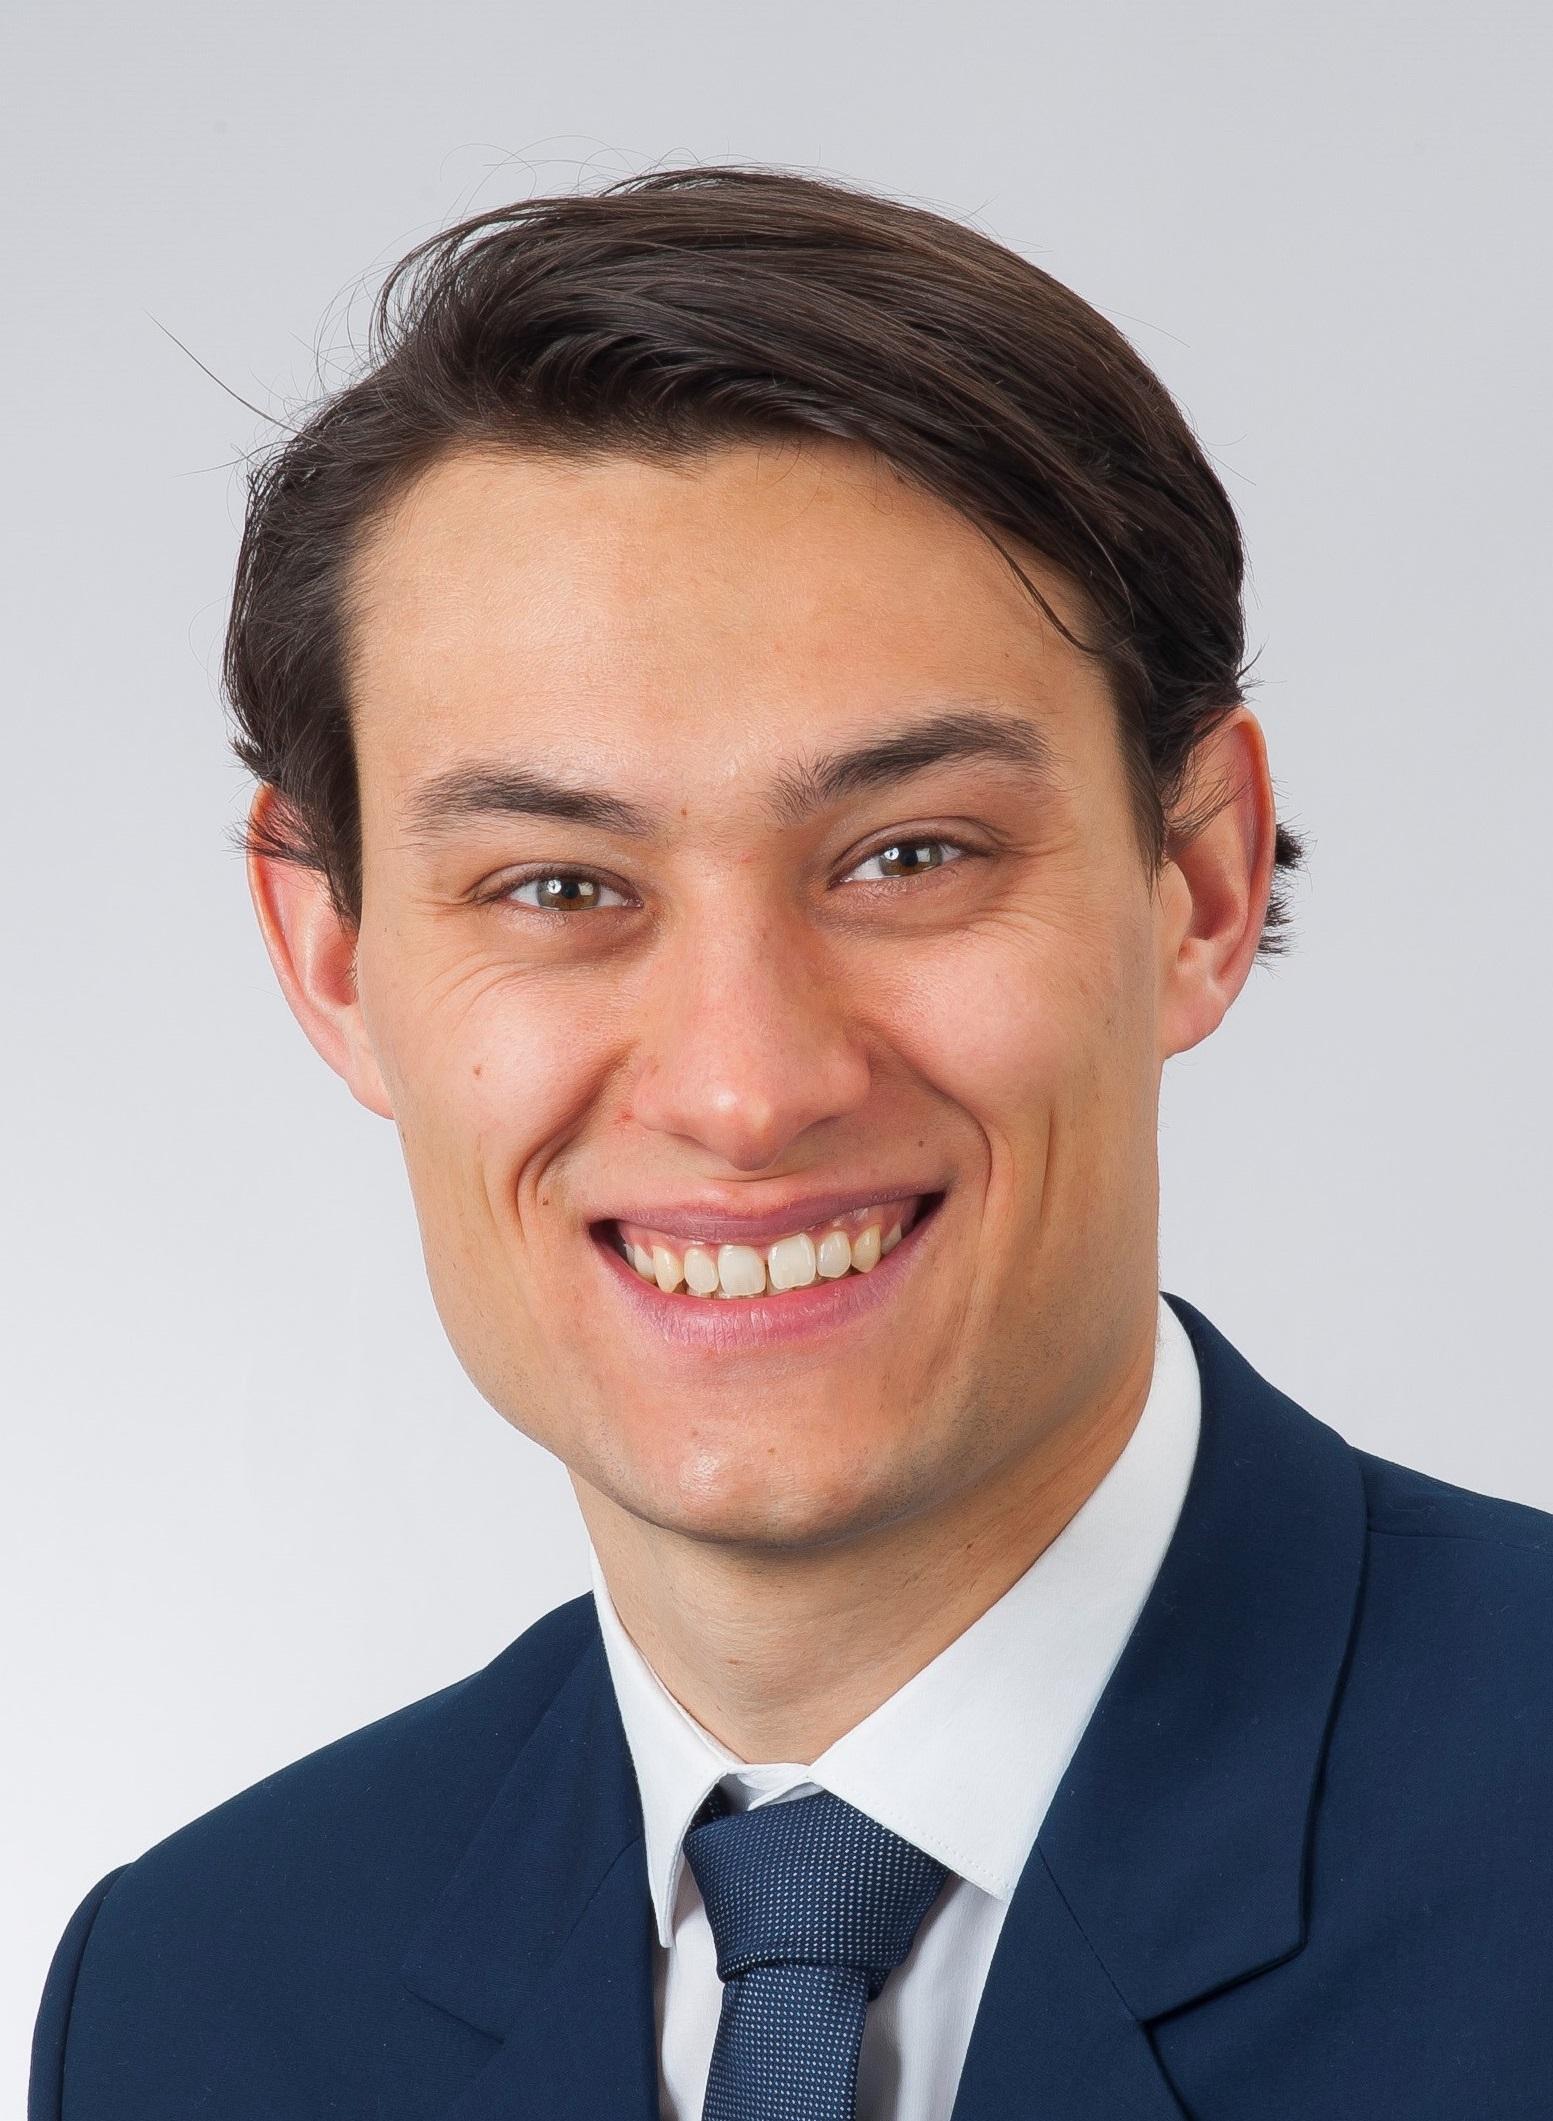 Mario Podzorski